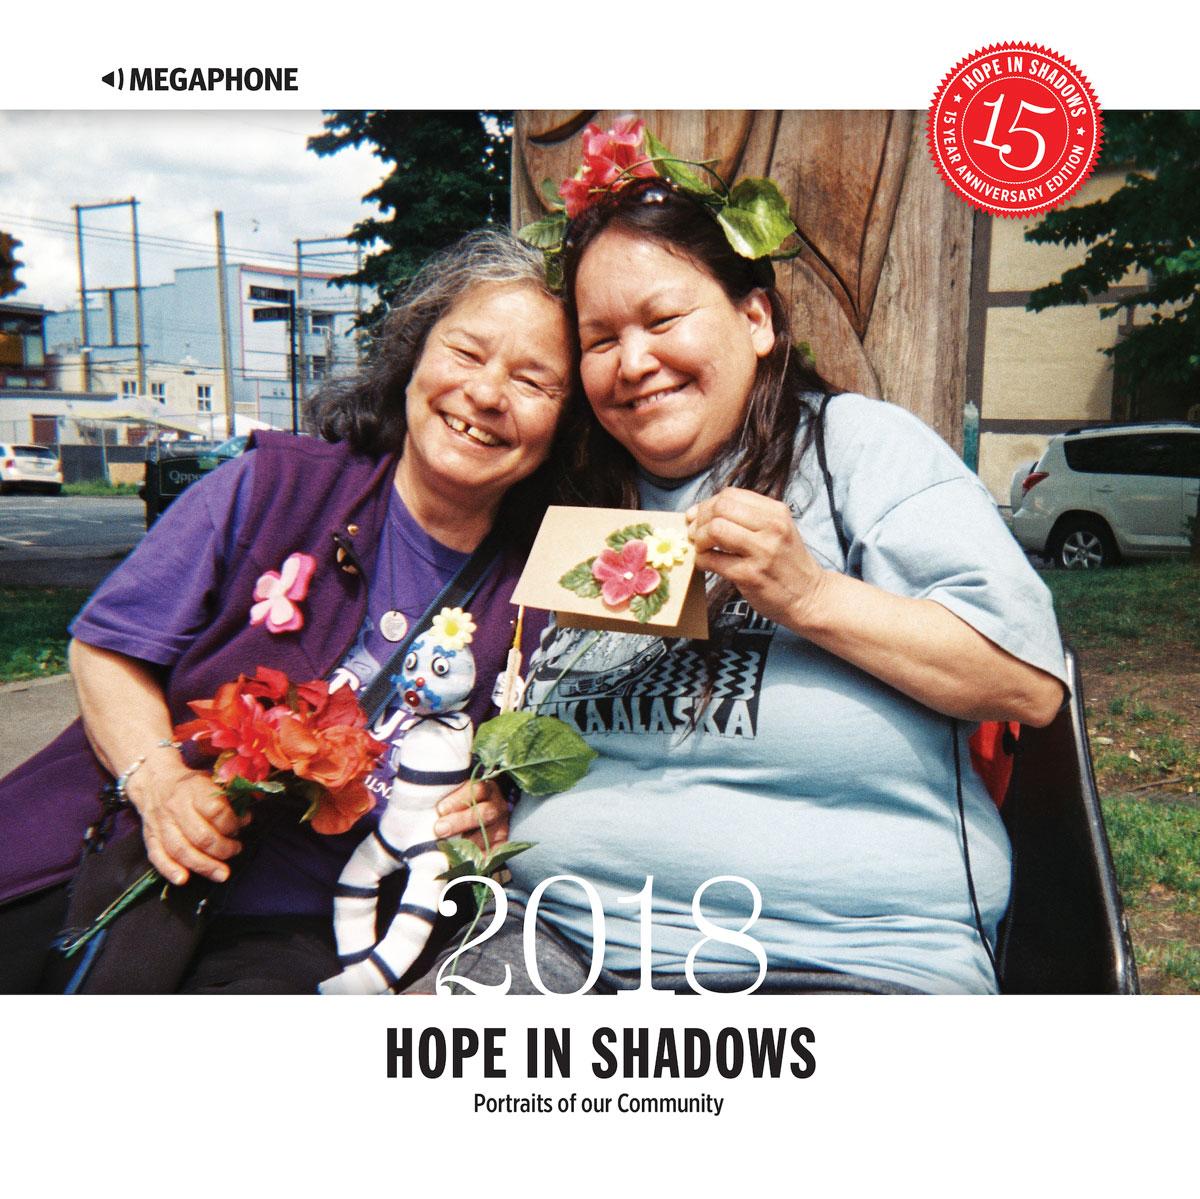 hope-in-shadows.jpg